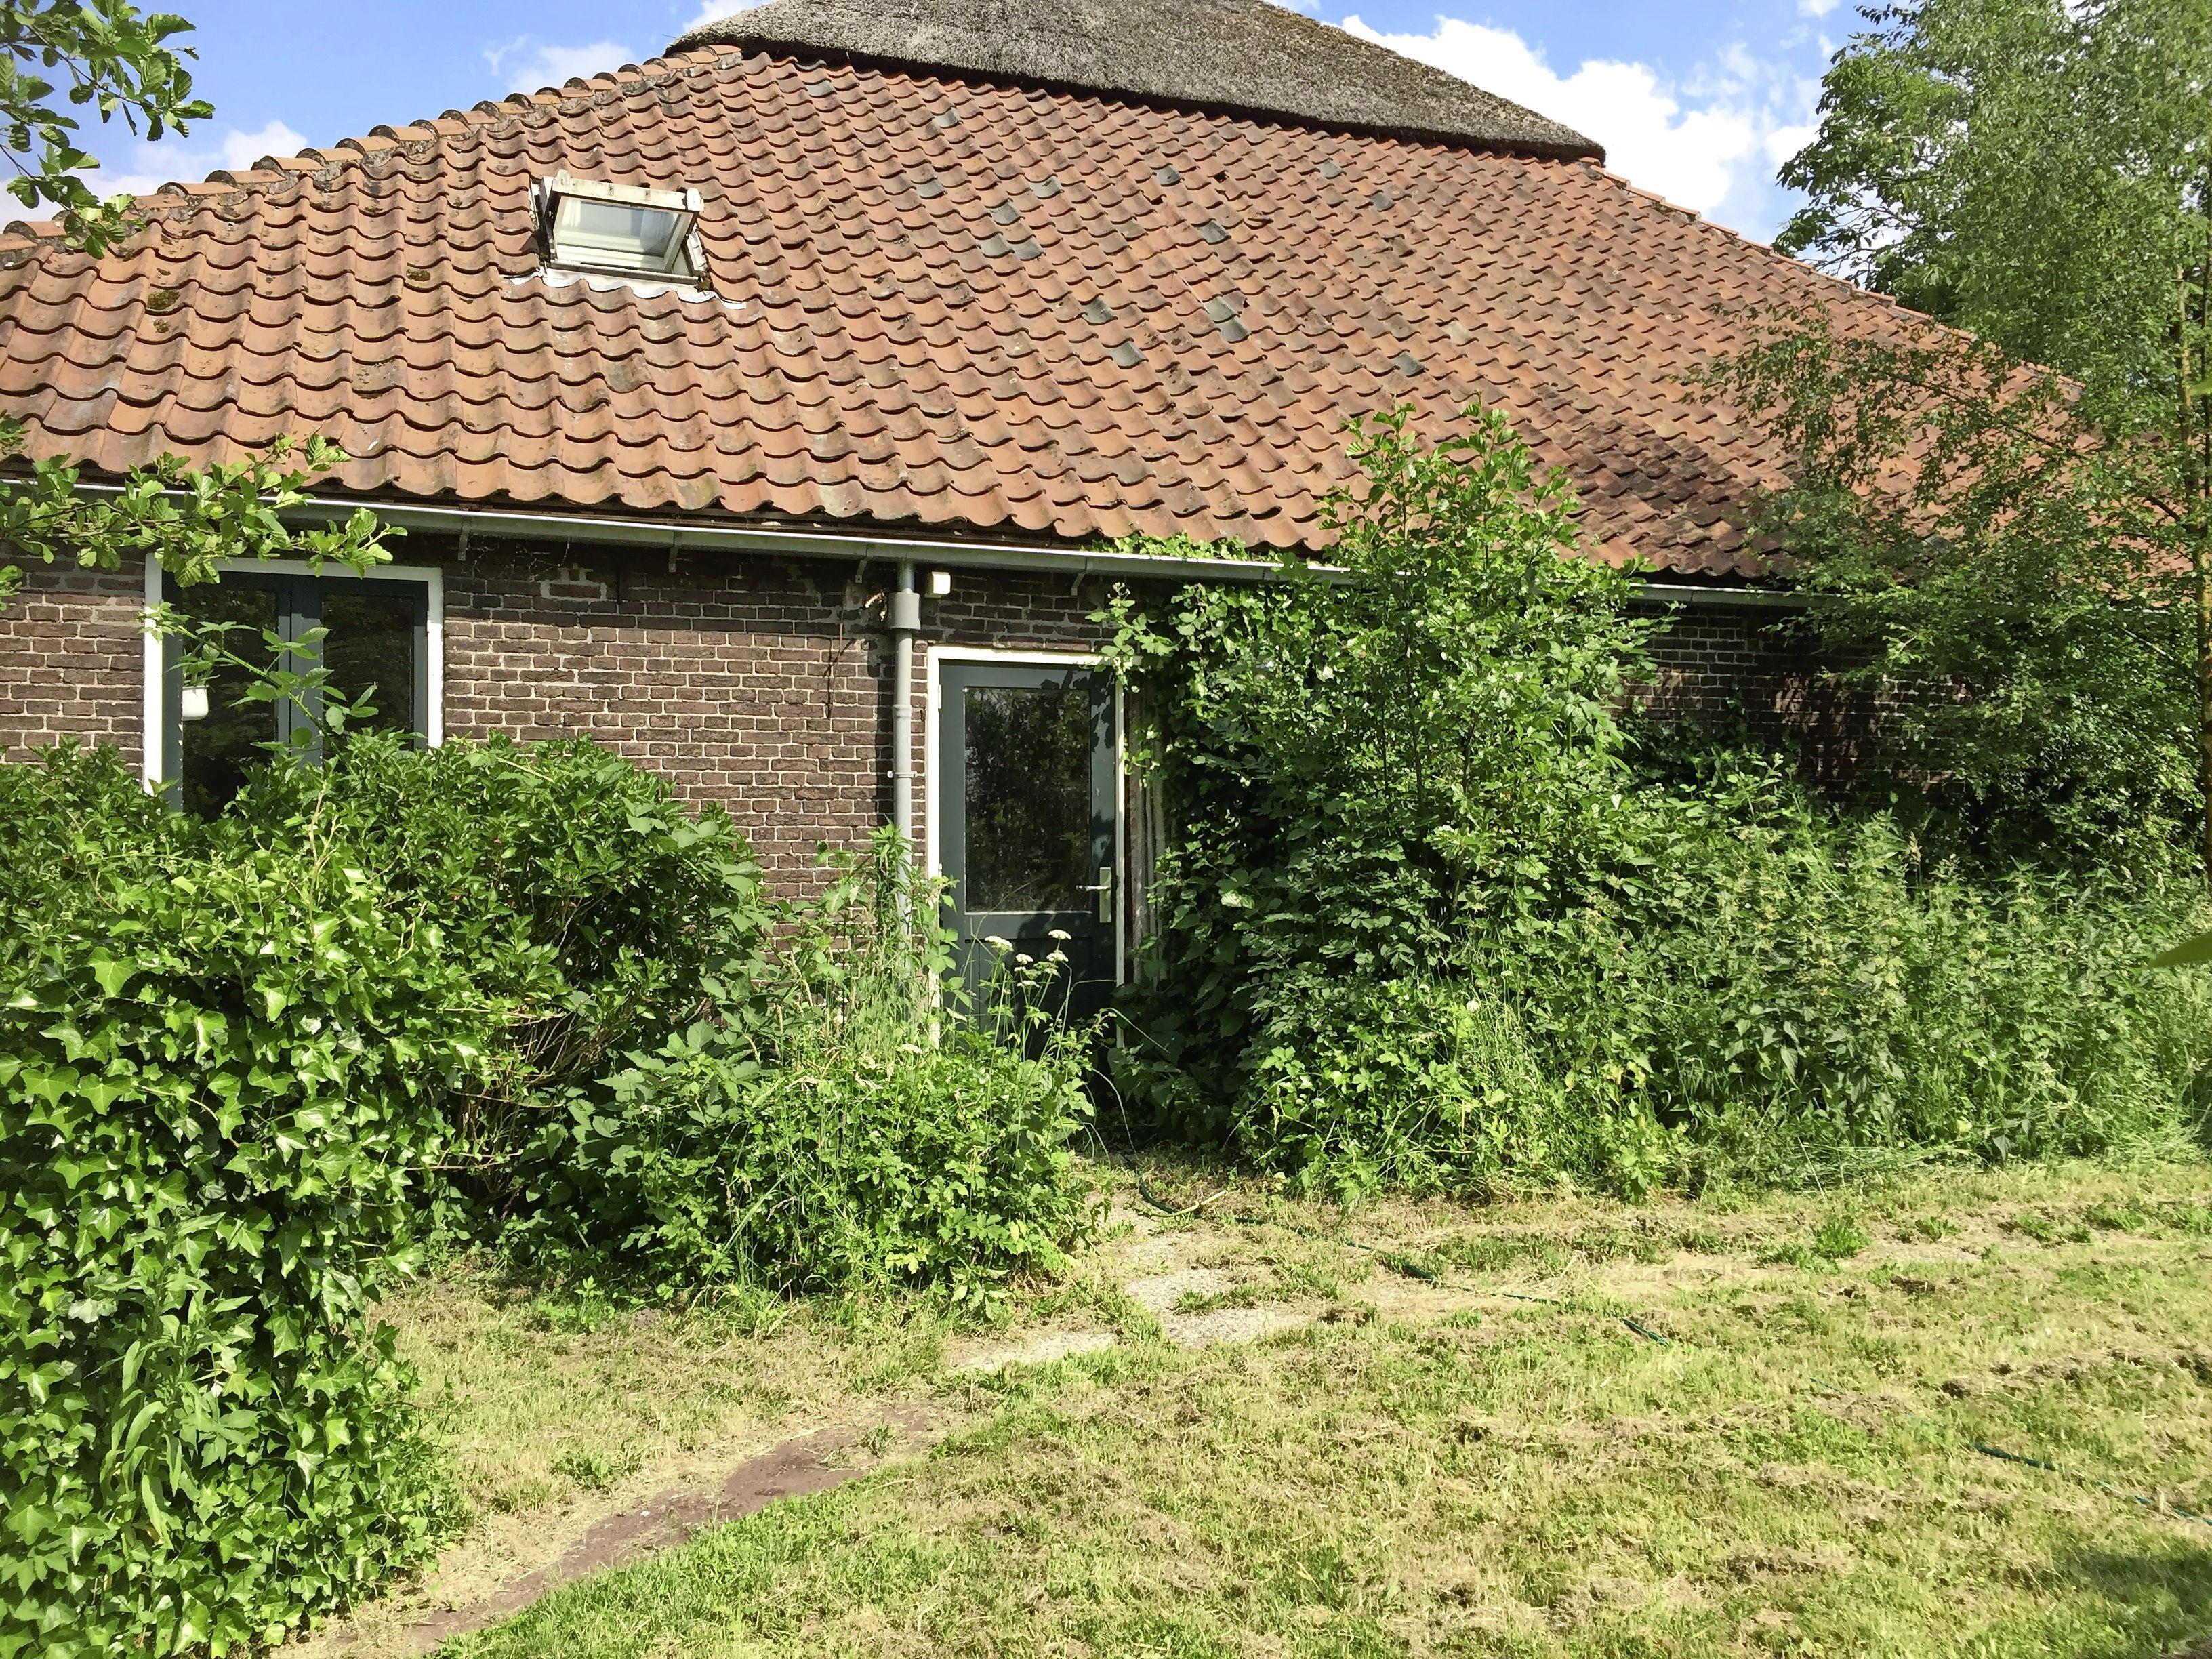 Spaarnwoude wil vervallen boerderij aan Lagedijk nieuwe bestemming geven